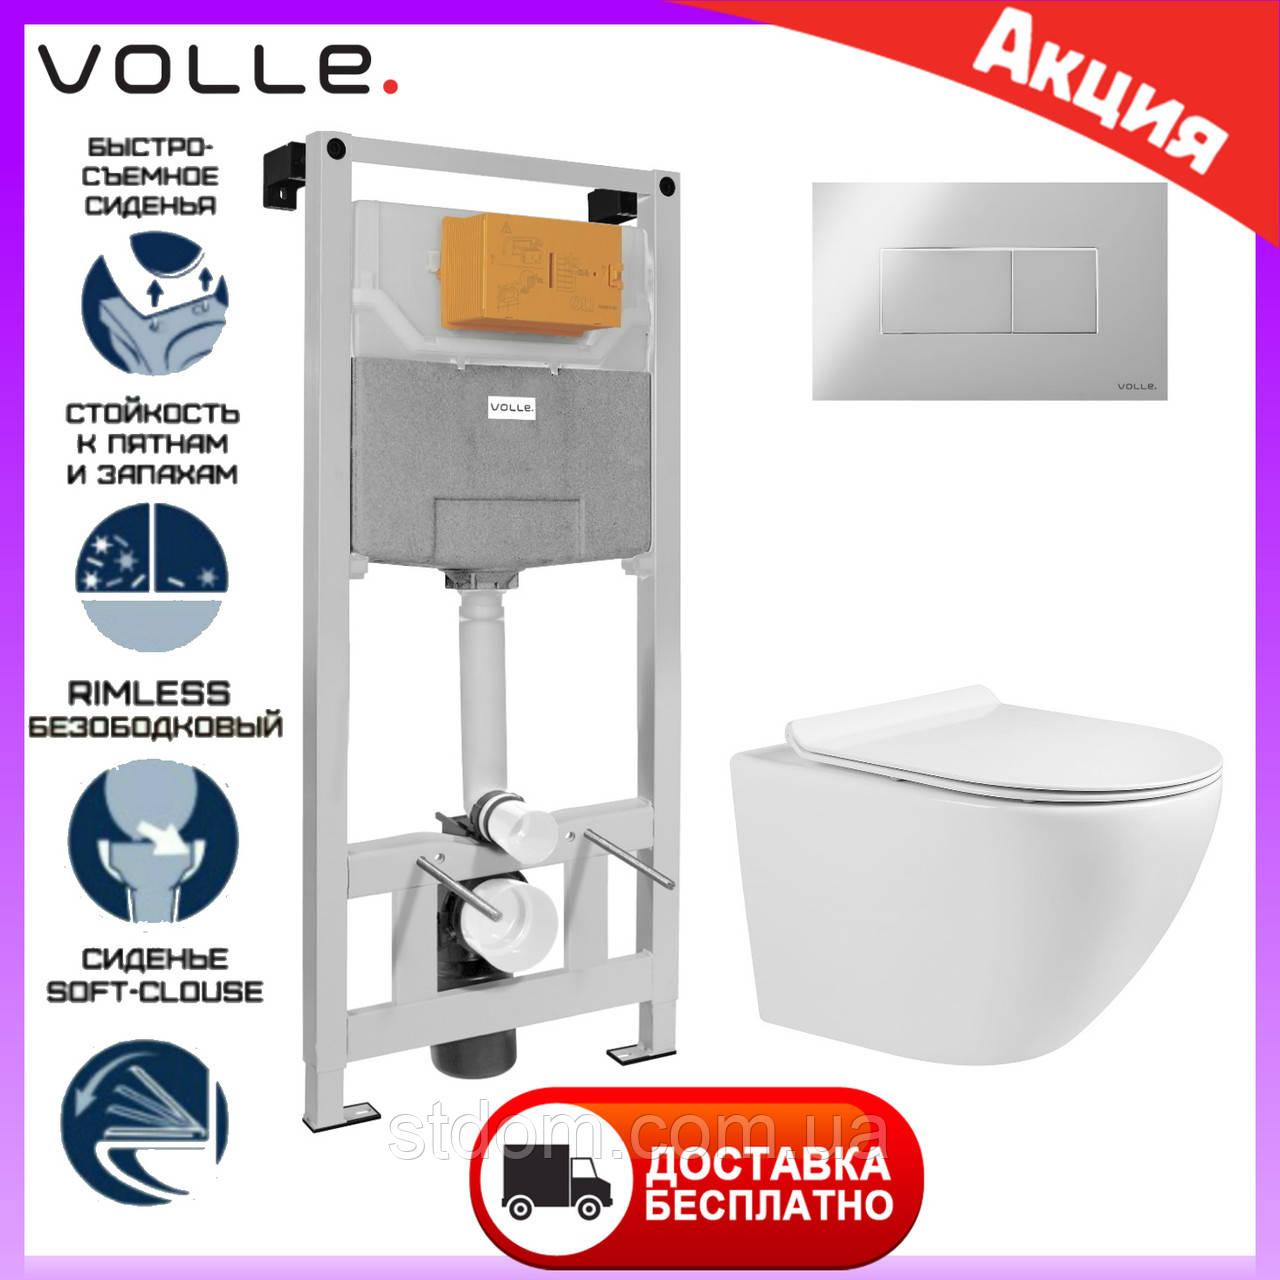 Підвісний унітаз Volle Amadeus 13-06-055 + інсталяція Volle Master. Комплект інсталяція і унітаз підвісний